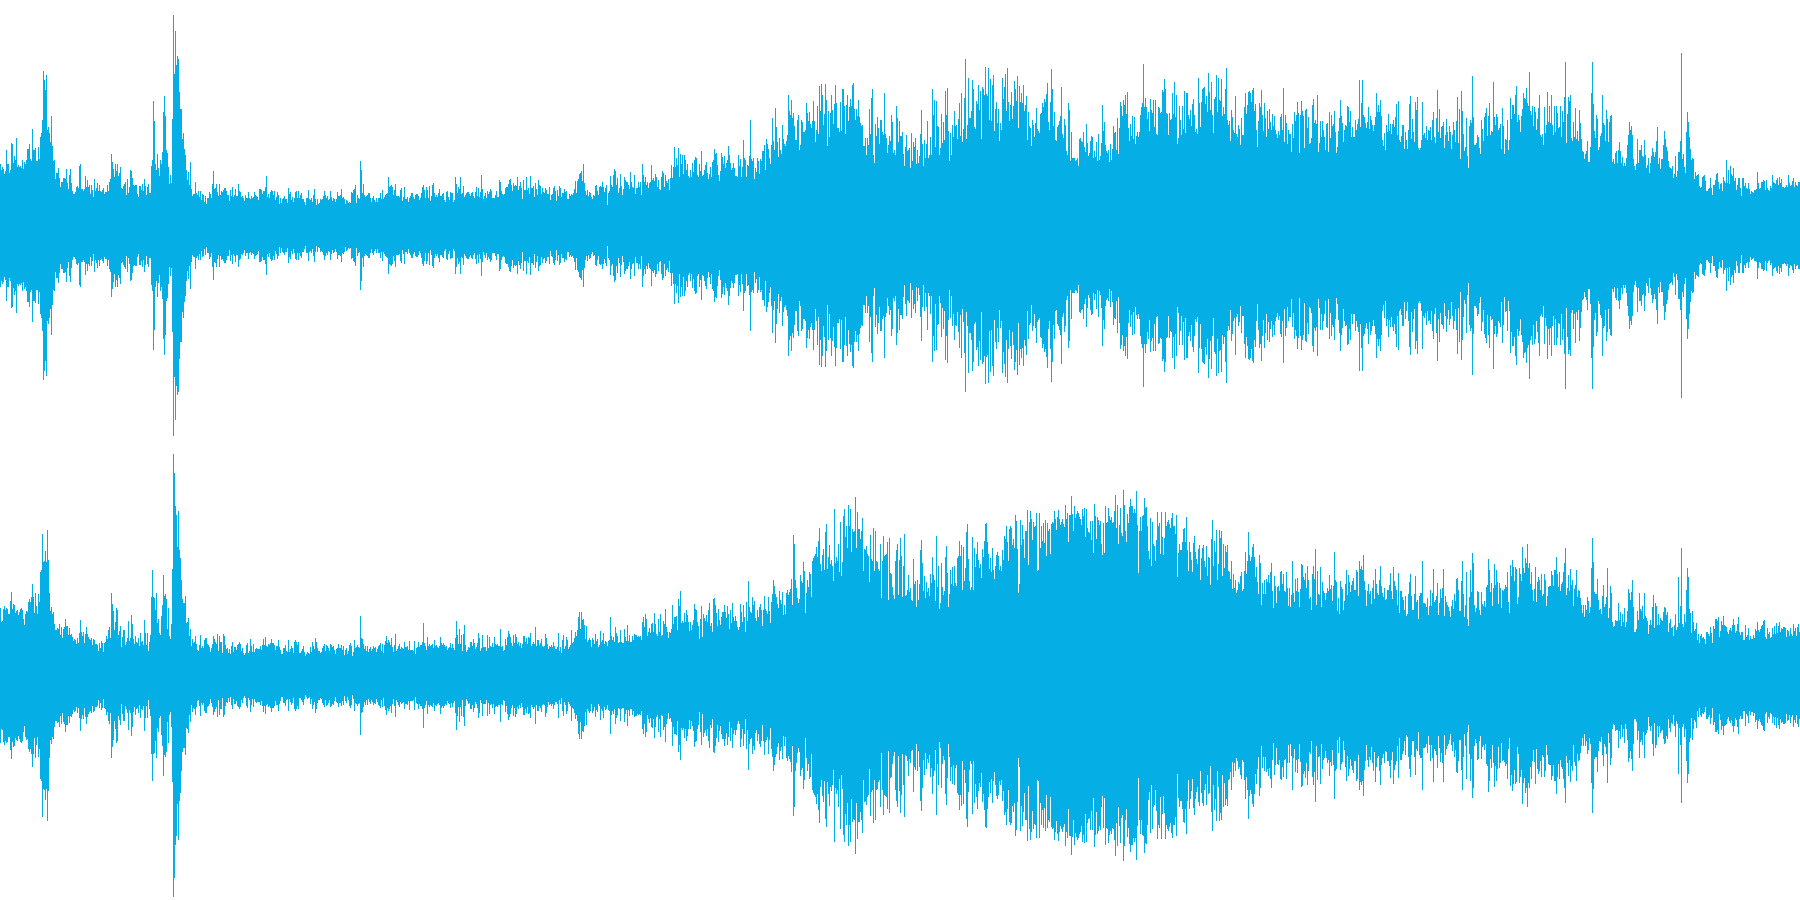 列車の発車する音2の再生済みの波形